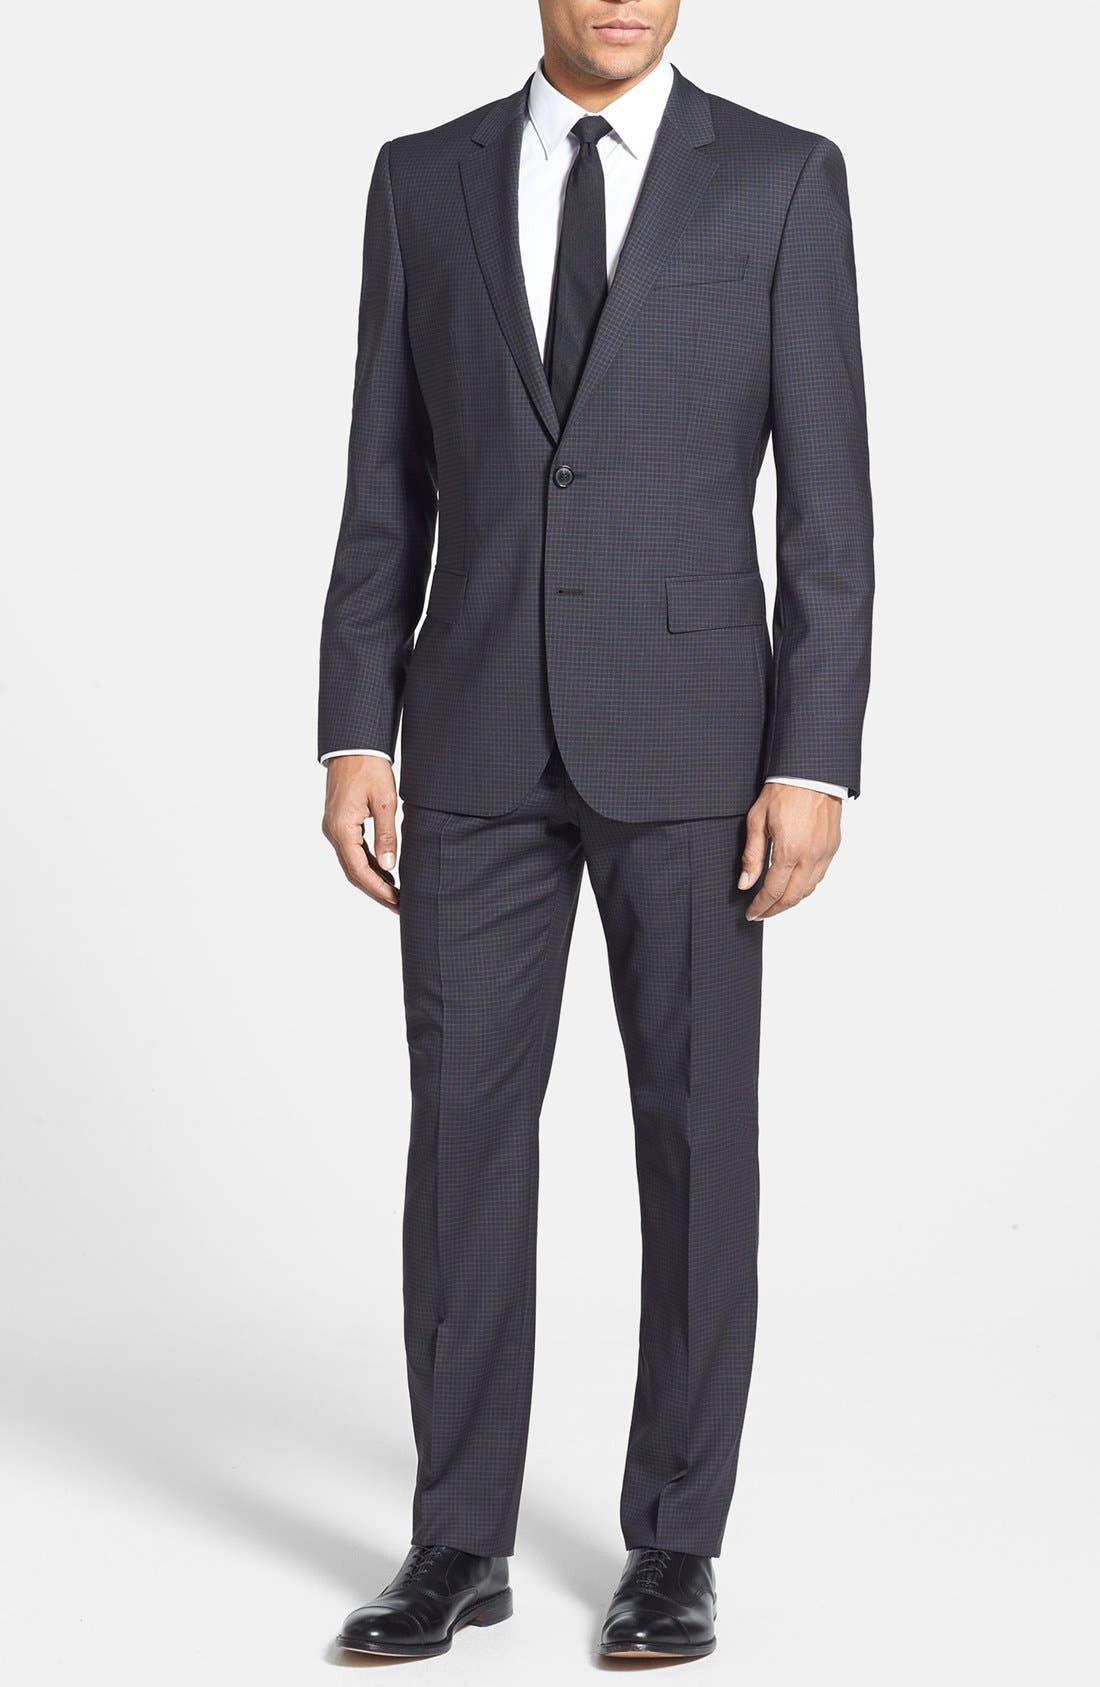 Main Image - BOSS HUGO BOSS 'Huge/Genius' Trim Fit Check Suit